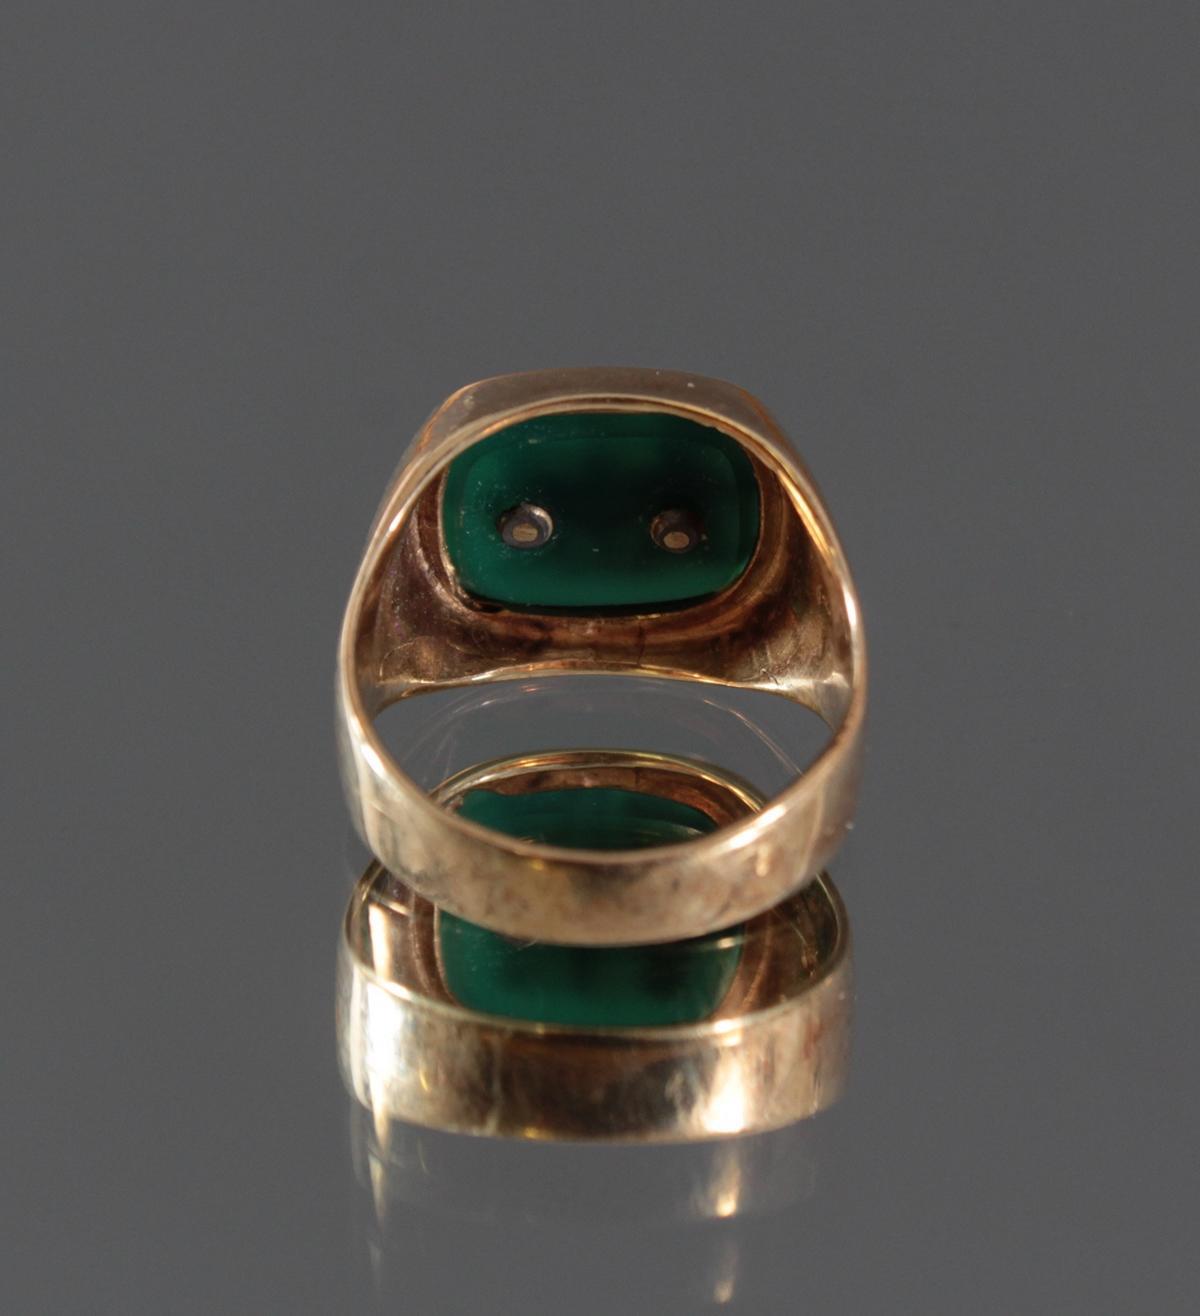 Damenring mit grünem Lagestein, 14 Karat Gelbgold-3